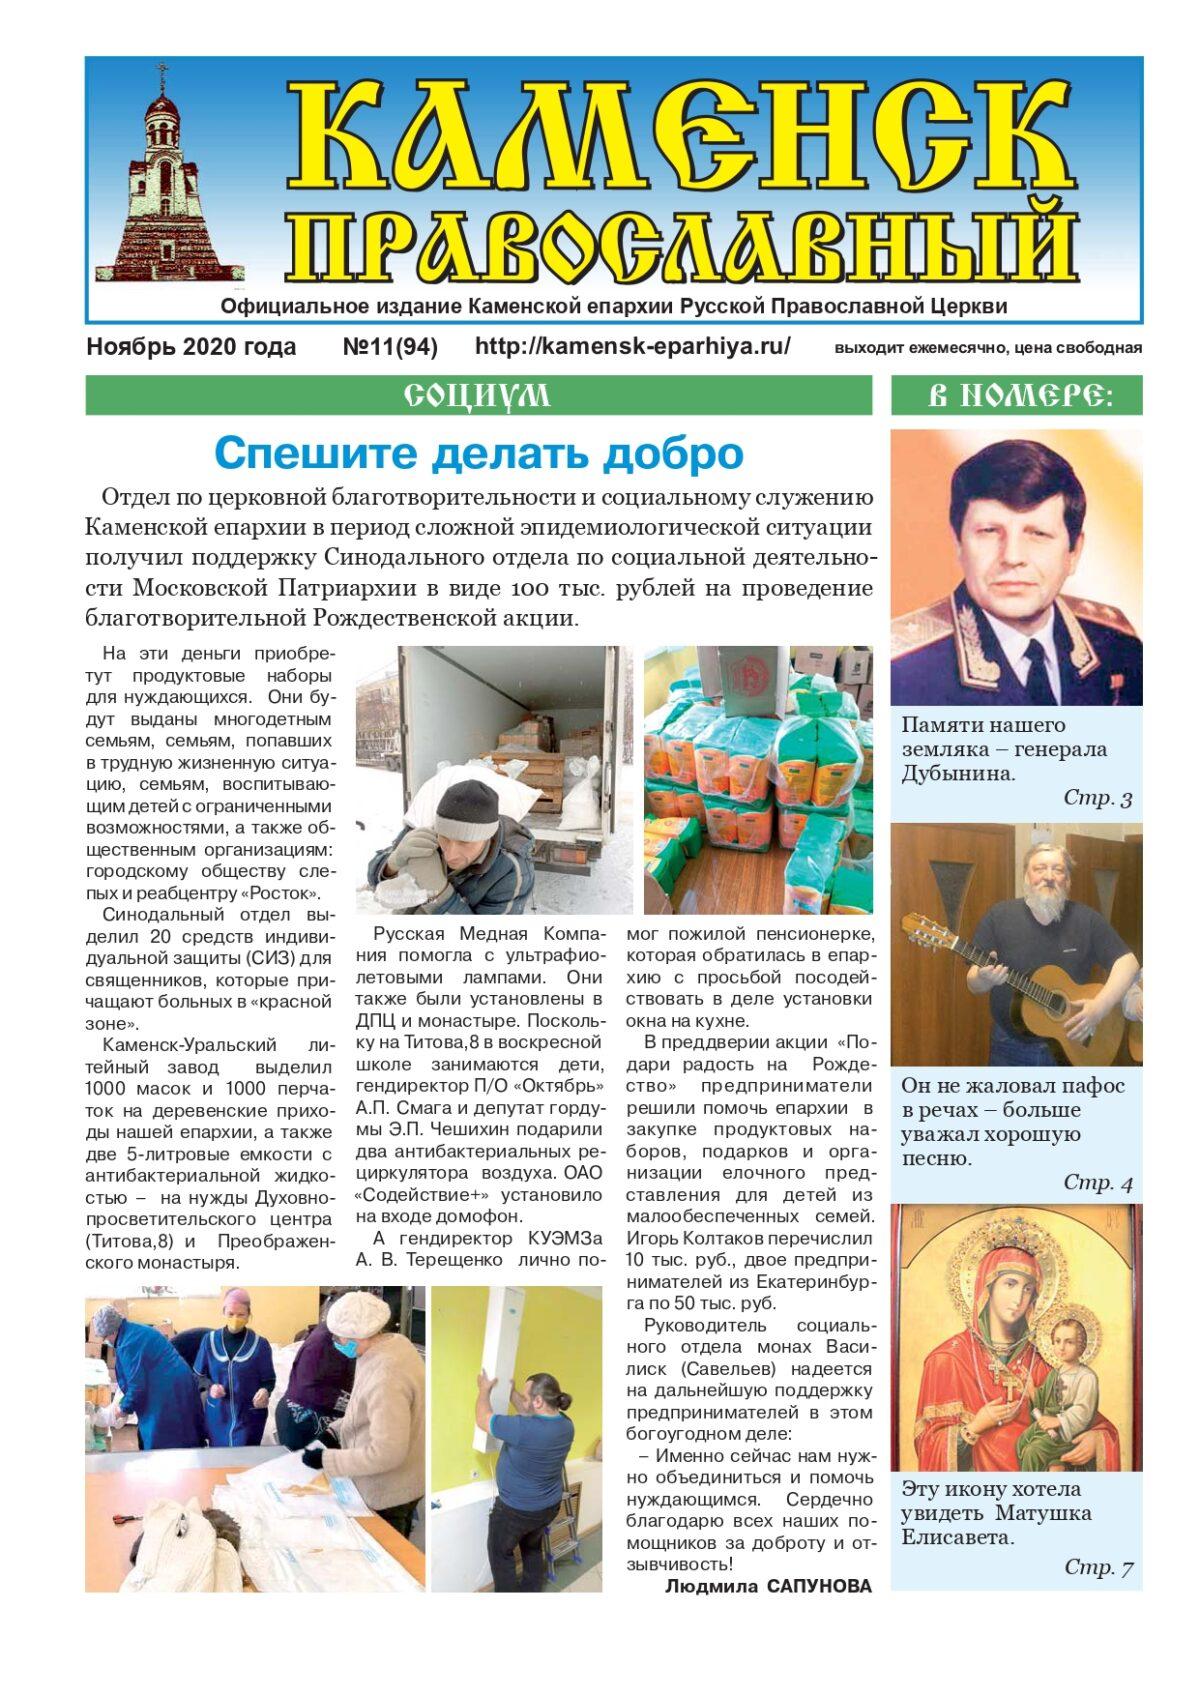 Читайте новый выпуск газеты «Каменск Православный»